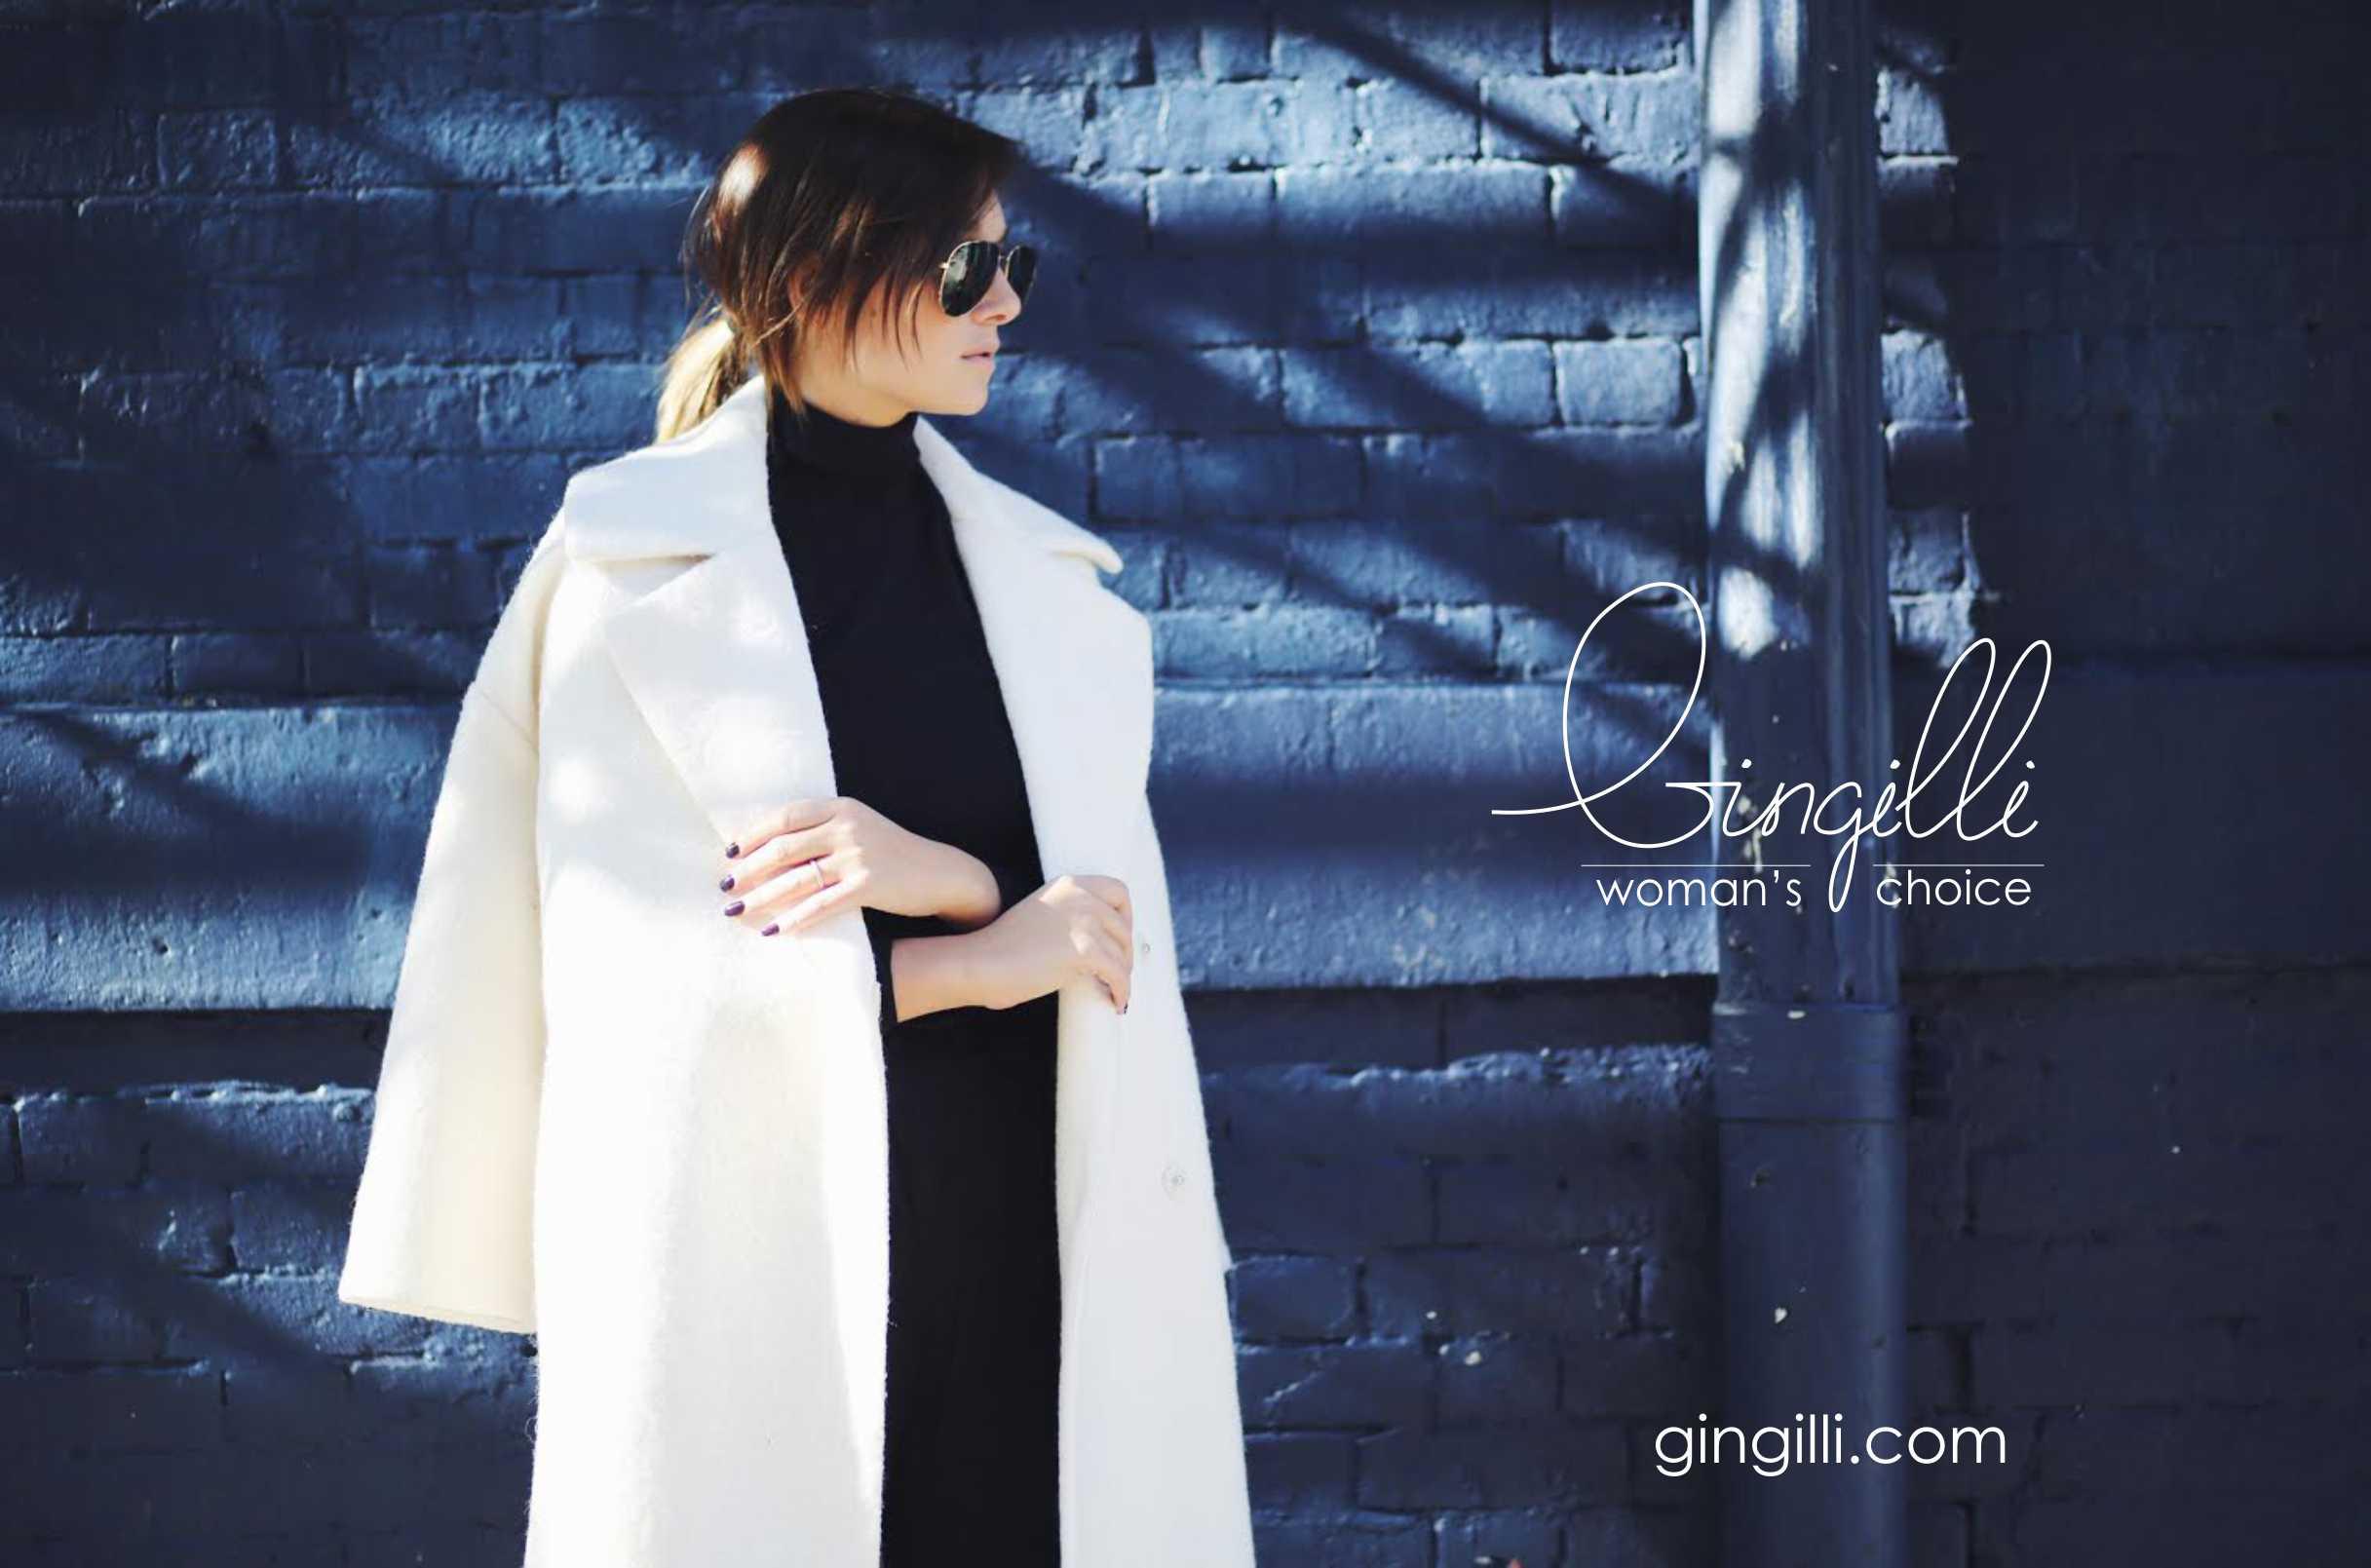 FASHION BRAND/ Разработка фирменного стиля для женской одежд фото f_0025a3368f00d21e.jpg